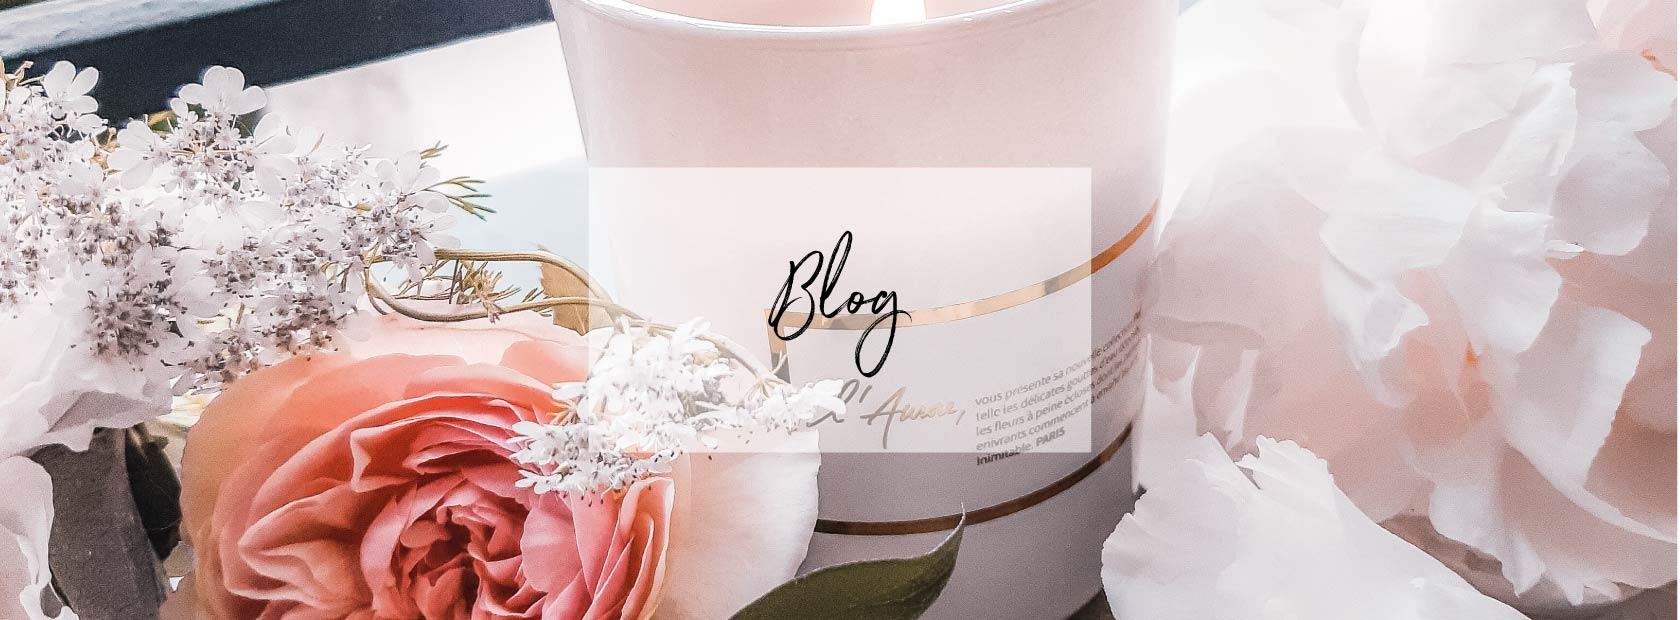 blog-bougie-laurore